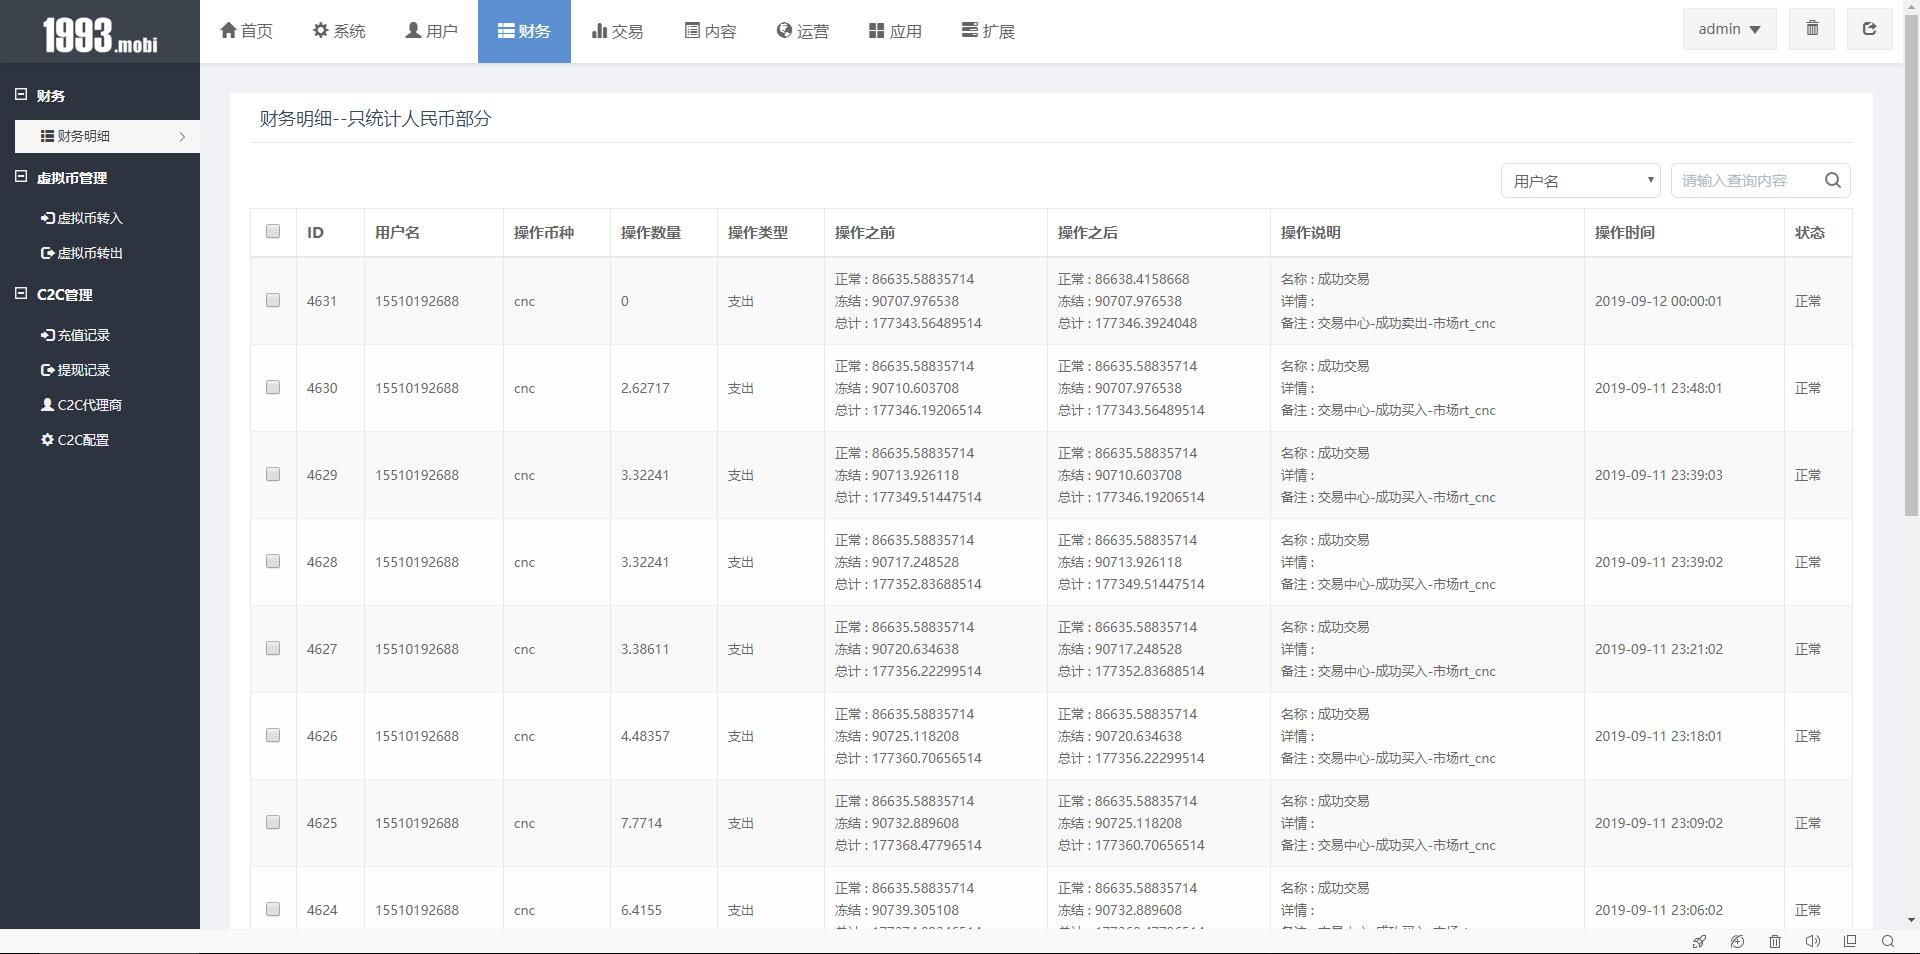 【BTC|OTC交易】区块链、虚拟数字货币交易所带充值+带机器人+web端+wap端;高端k线和委托档位,app端一键封装[有演示站]